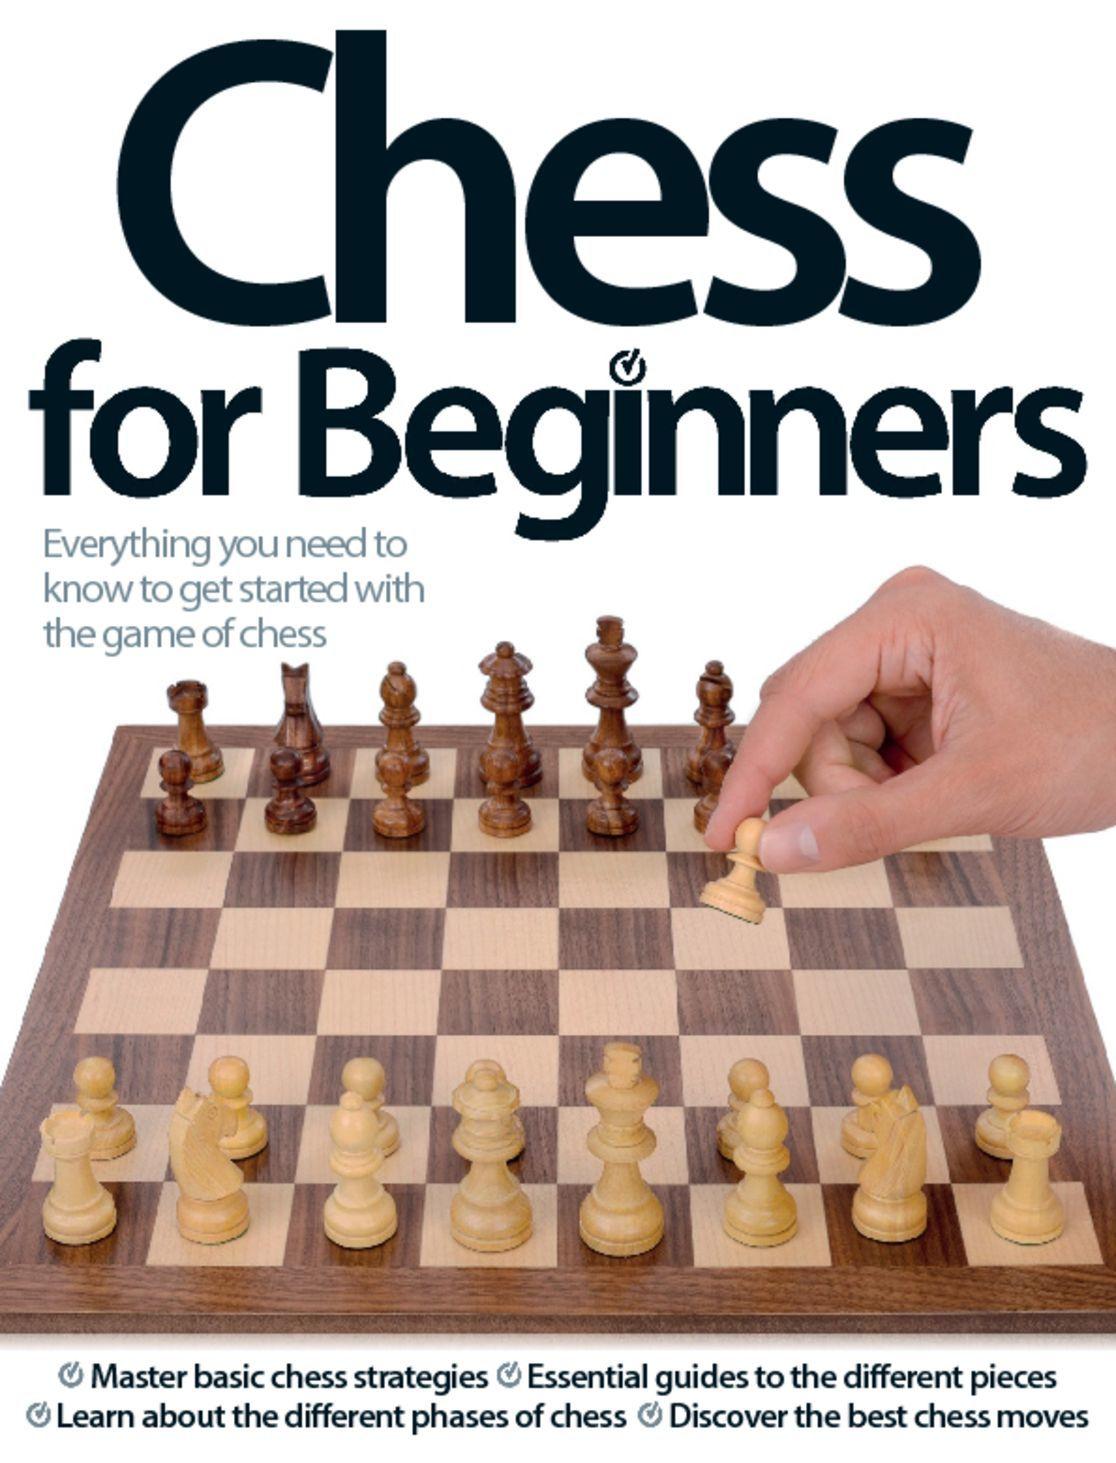 Chess for Beginners Digital